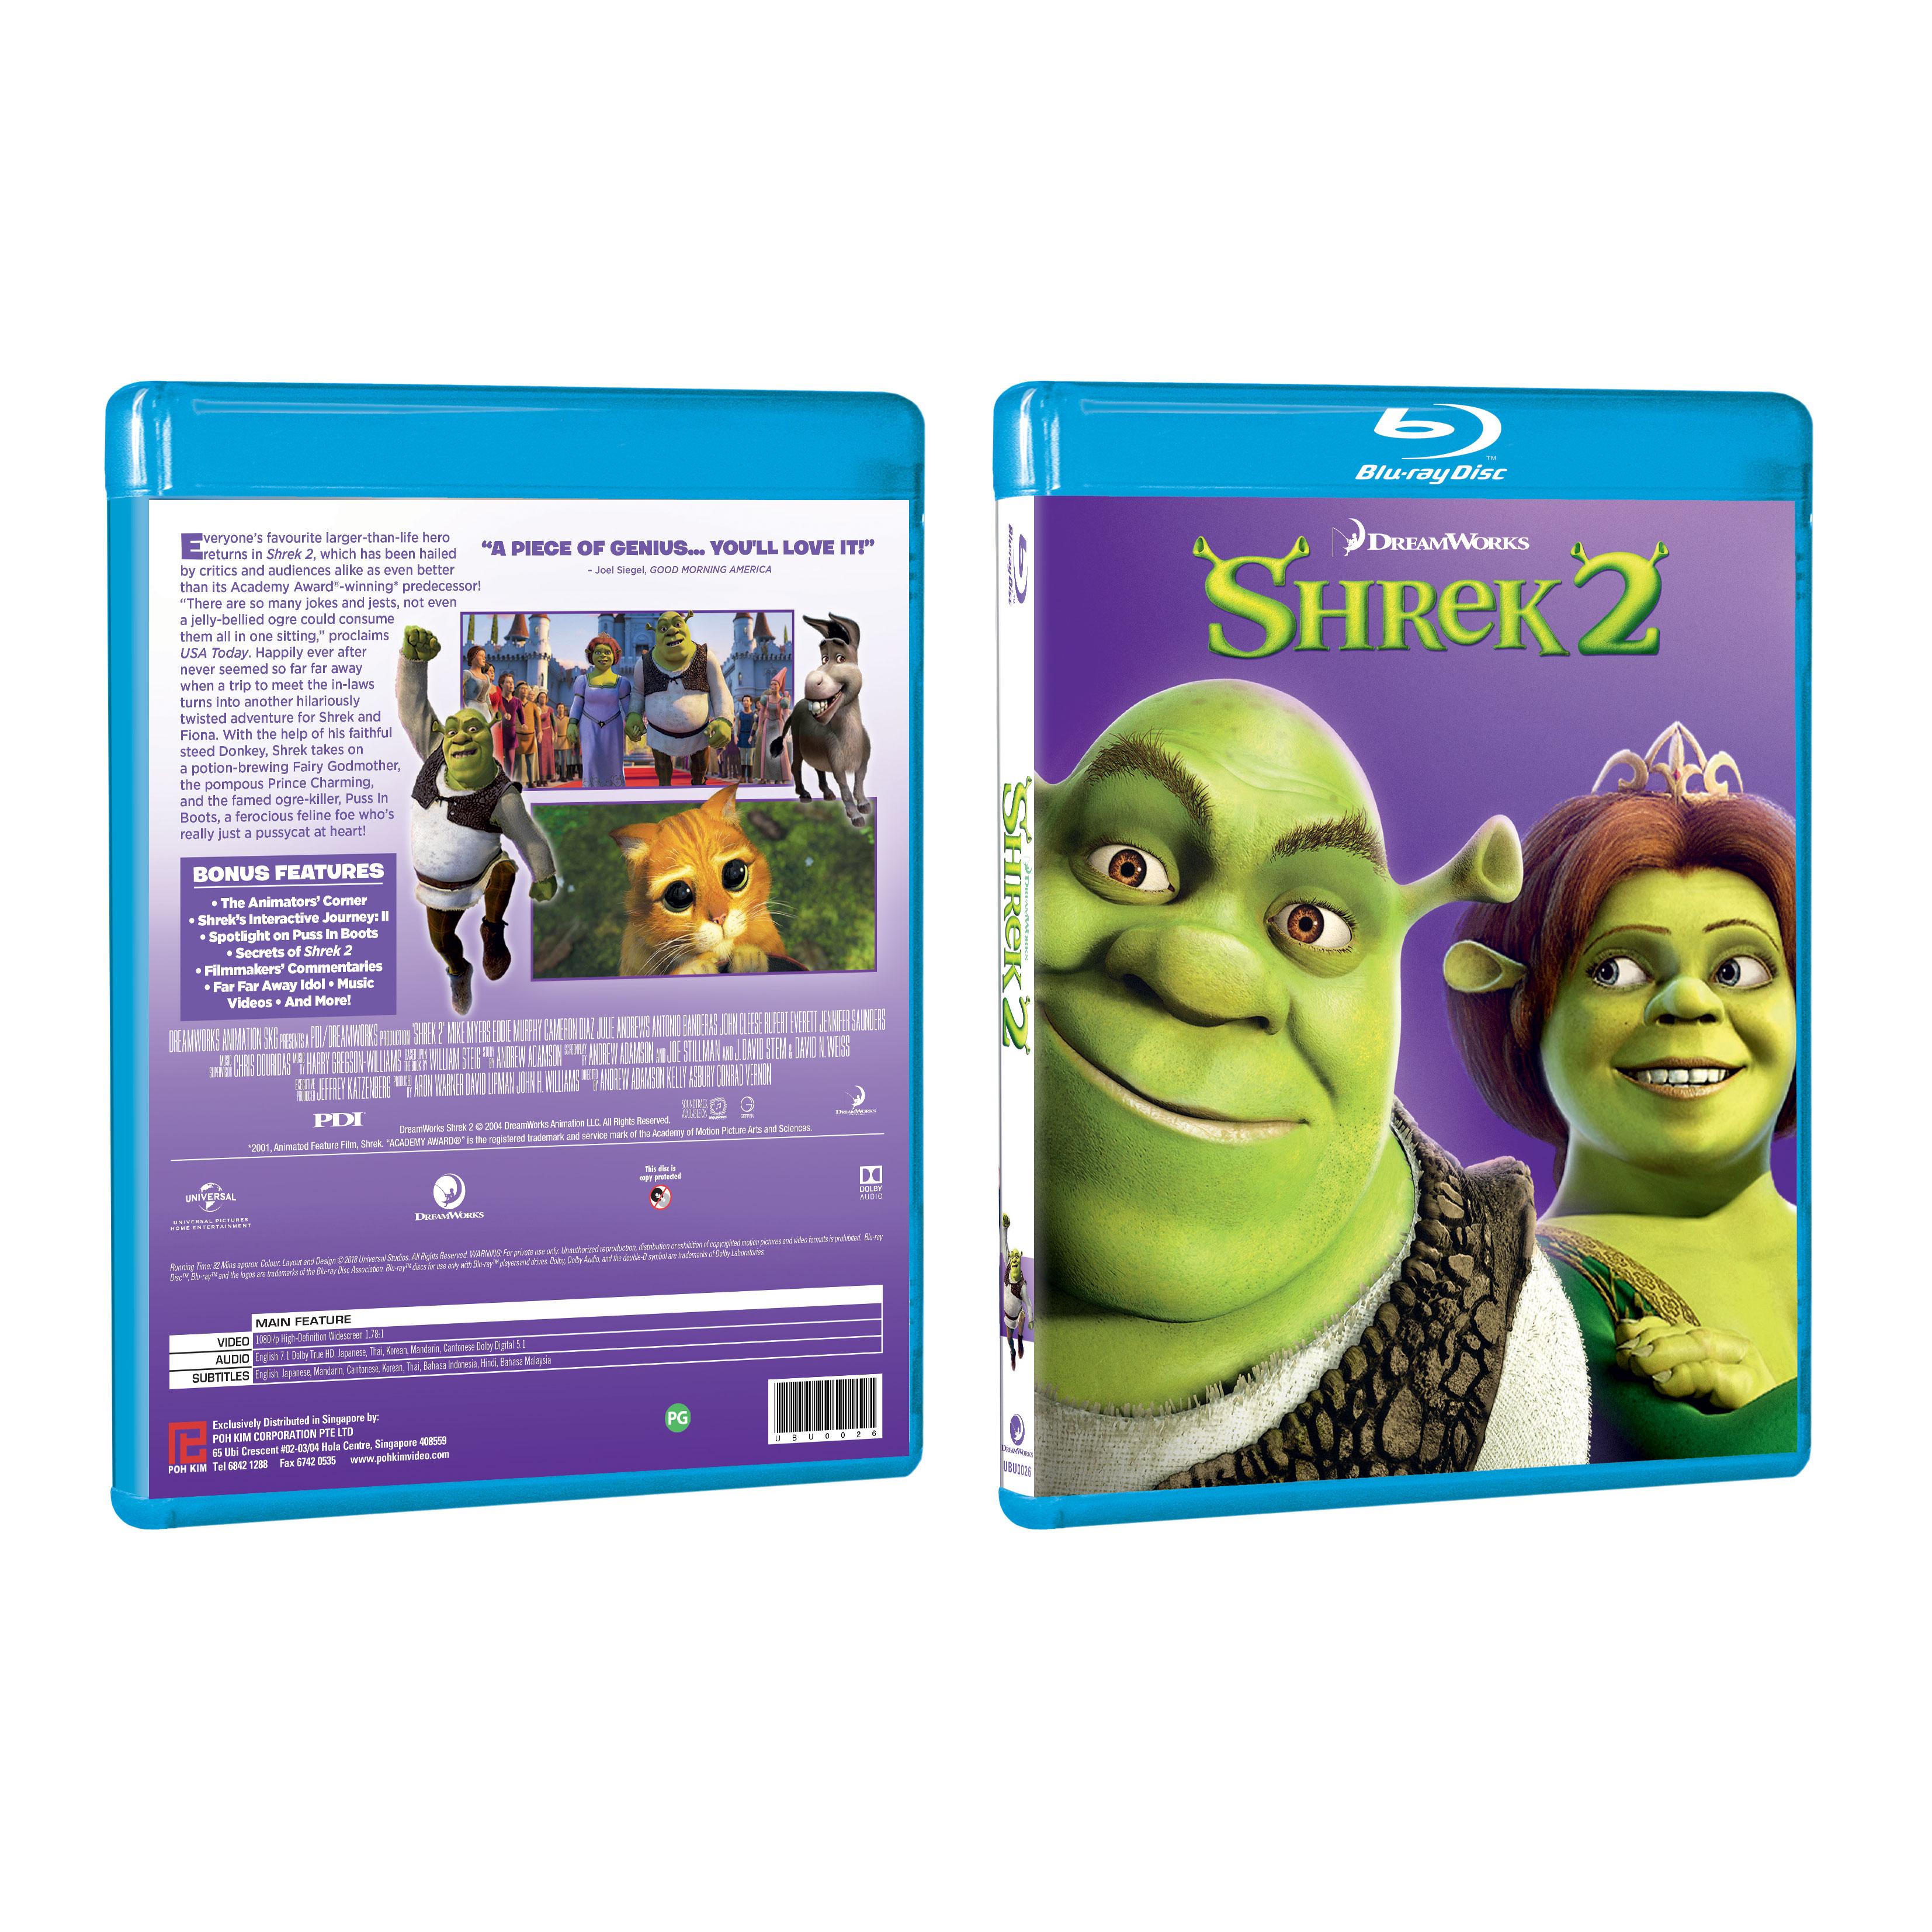 Shrek 2 Blu Ray Poh Kim Video